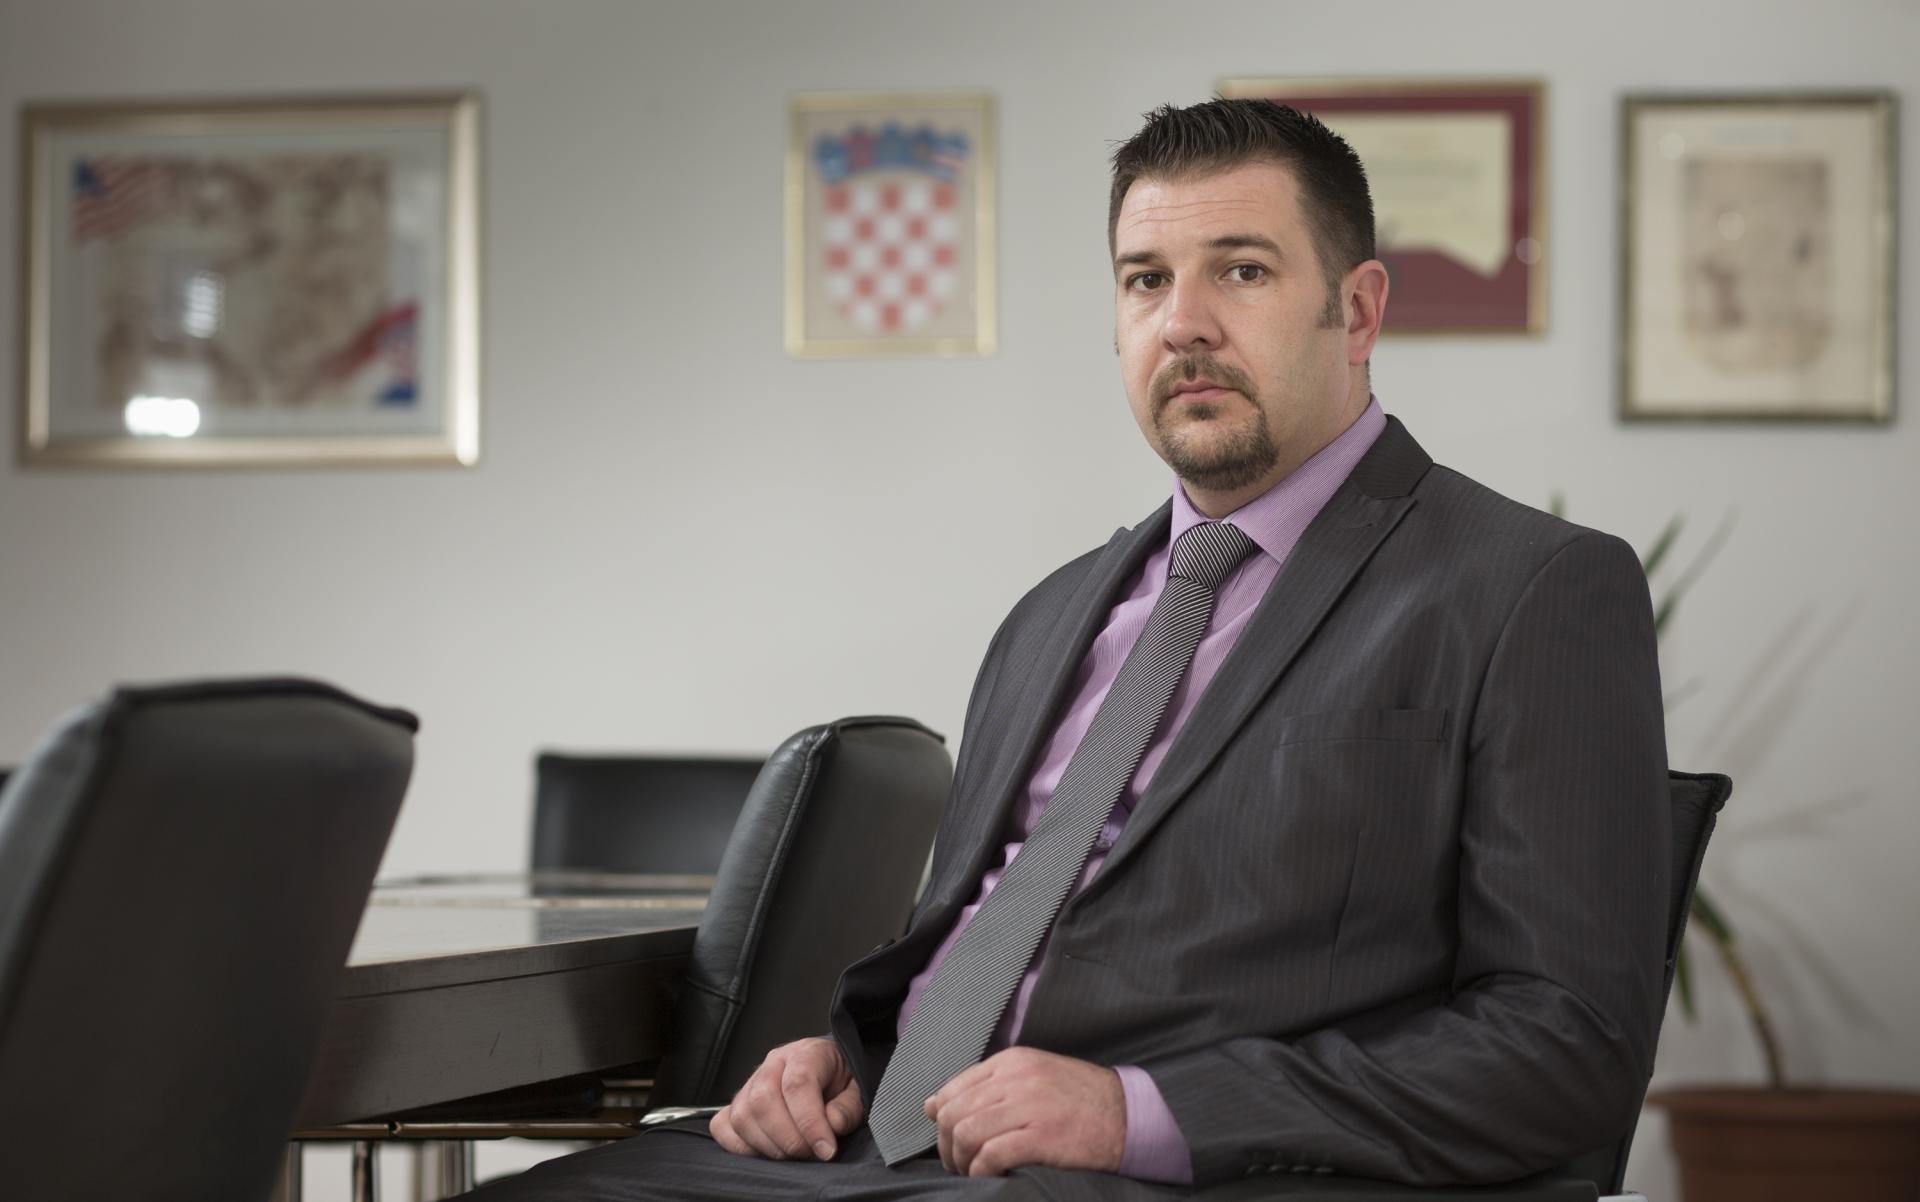 Zadovoljan potvrđenom odlukom - Denis Ivanović, predsjednik kaštelanskog gradskog vijeća